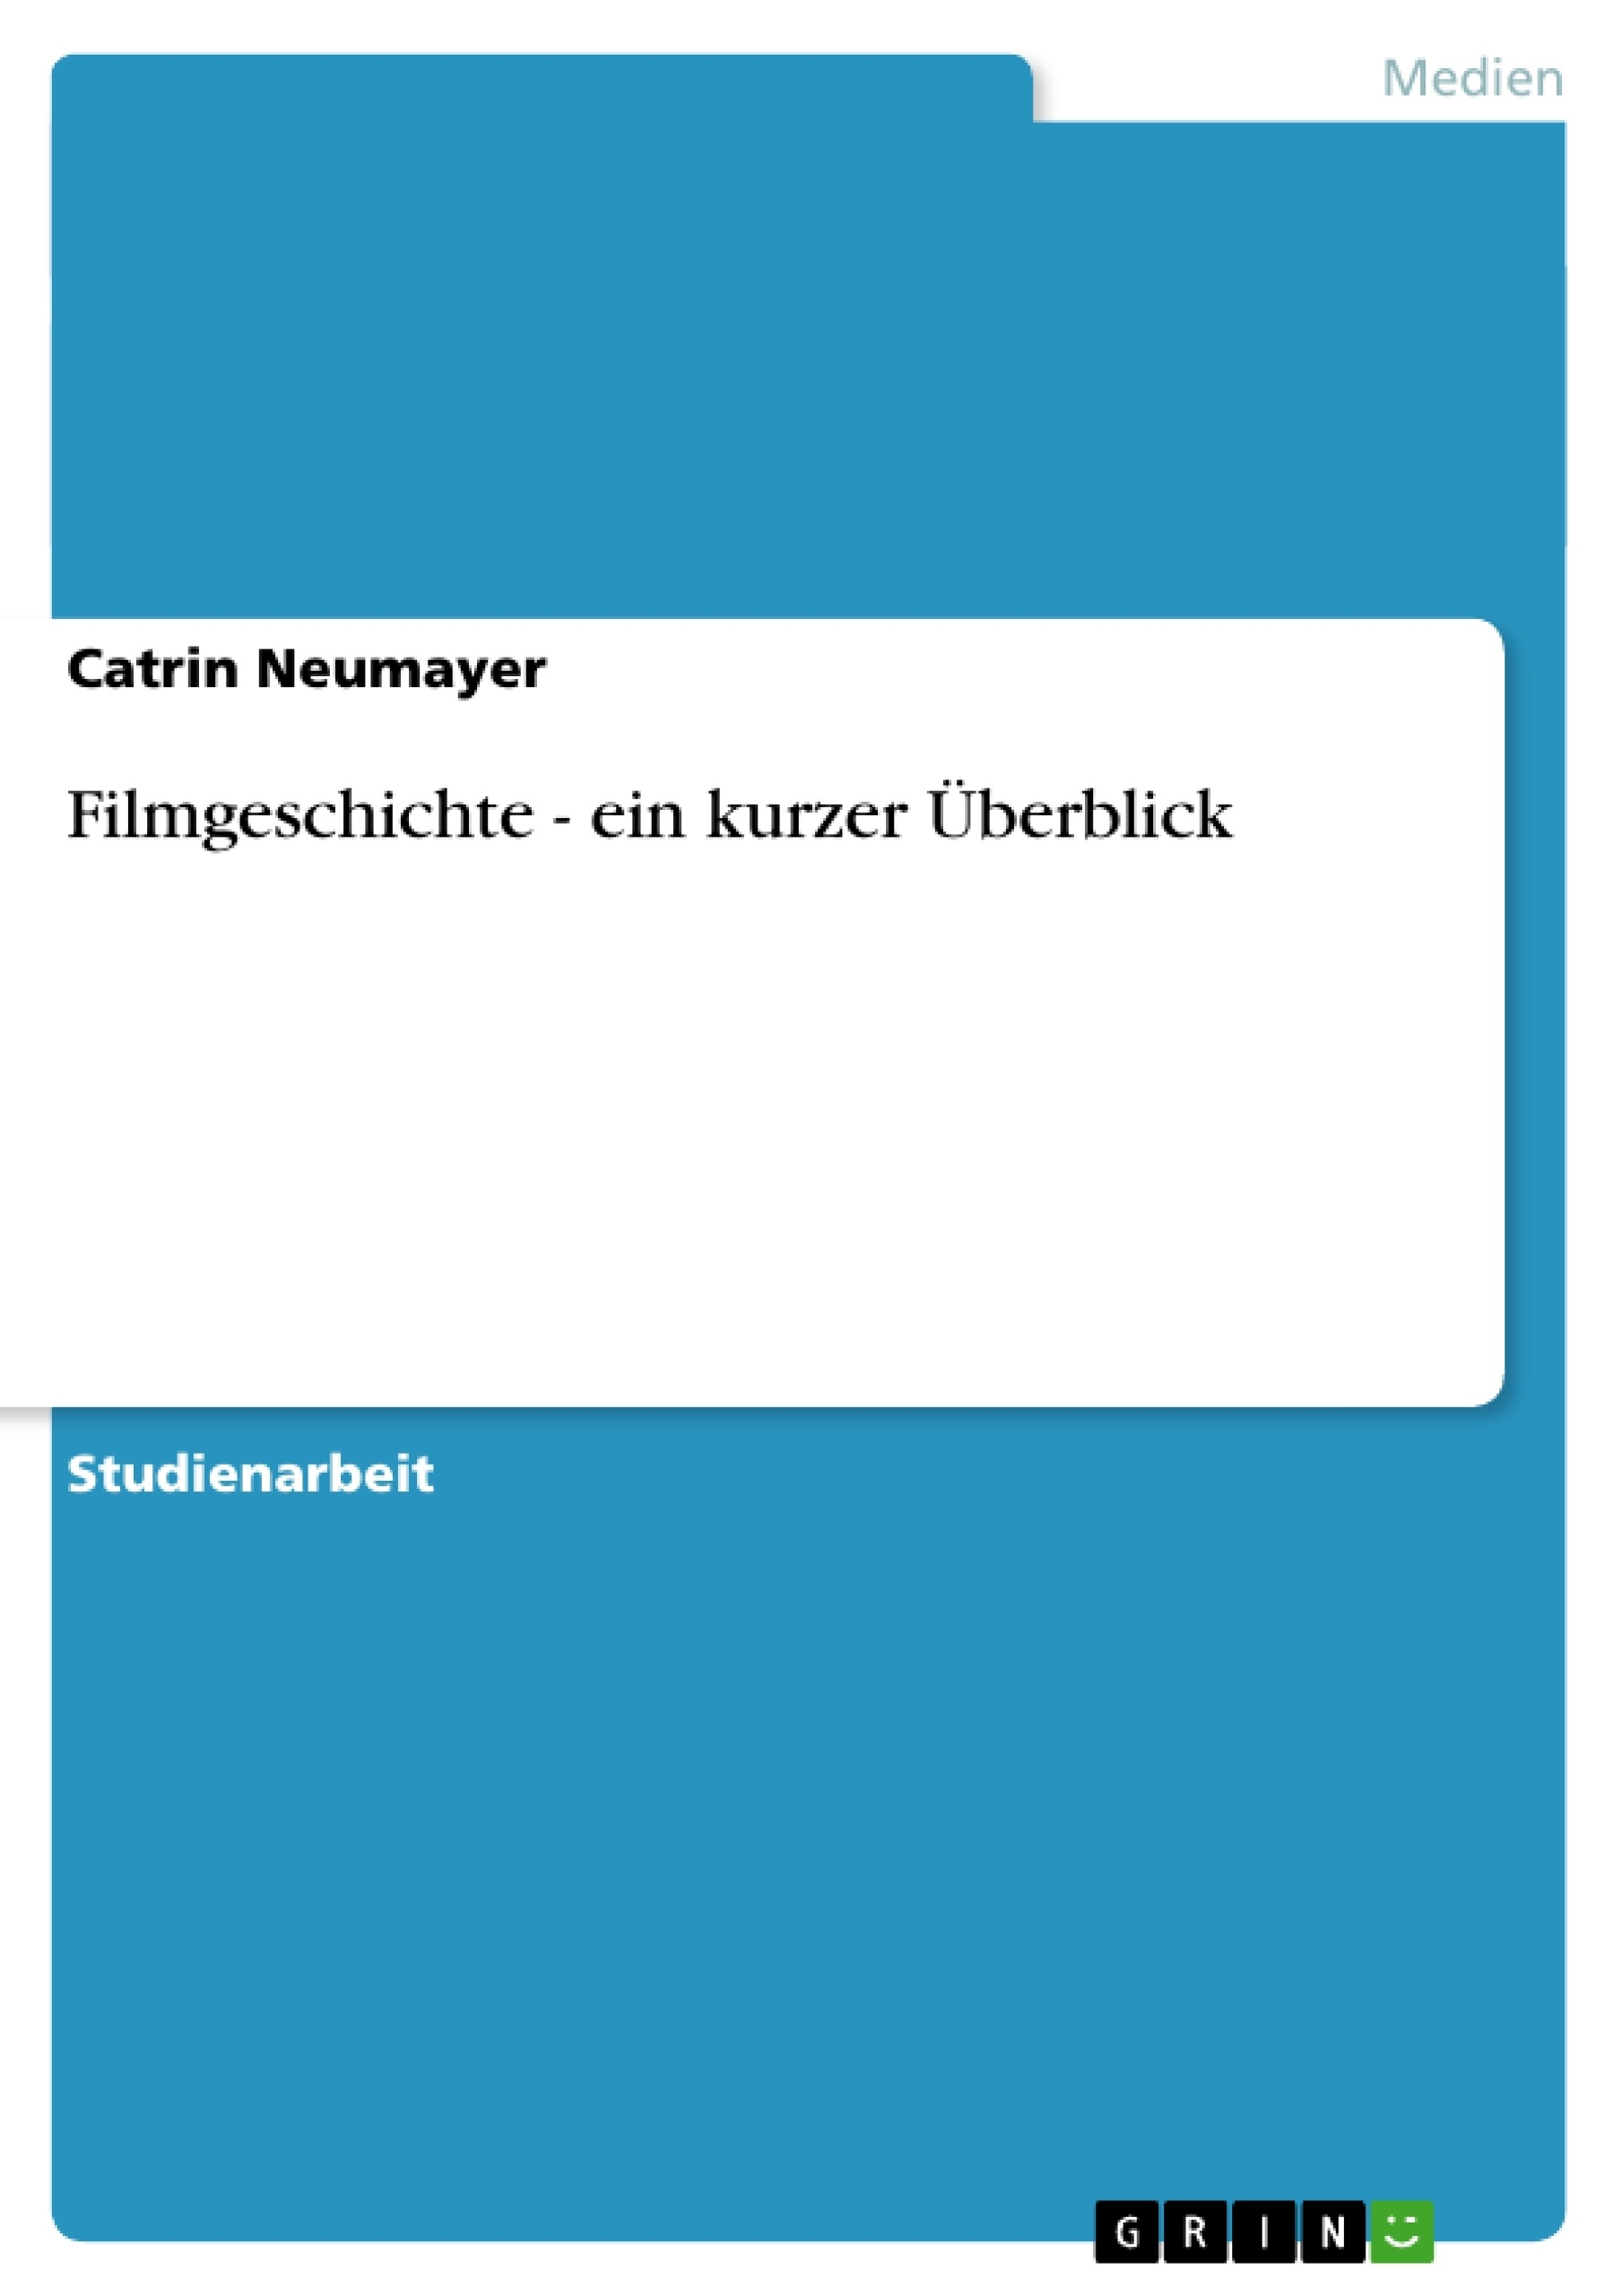 Titel: Filmgeschichte - ein kurzer Überblick